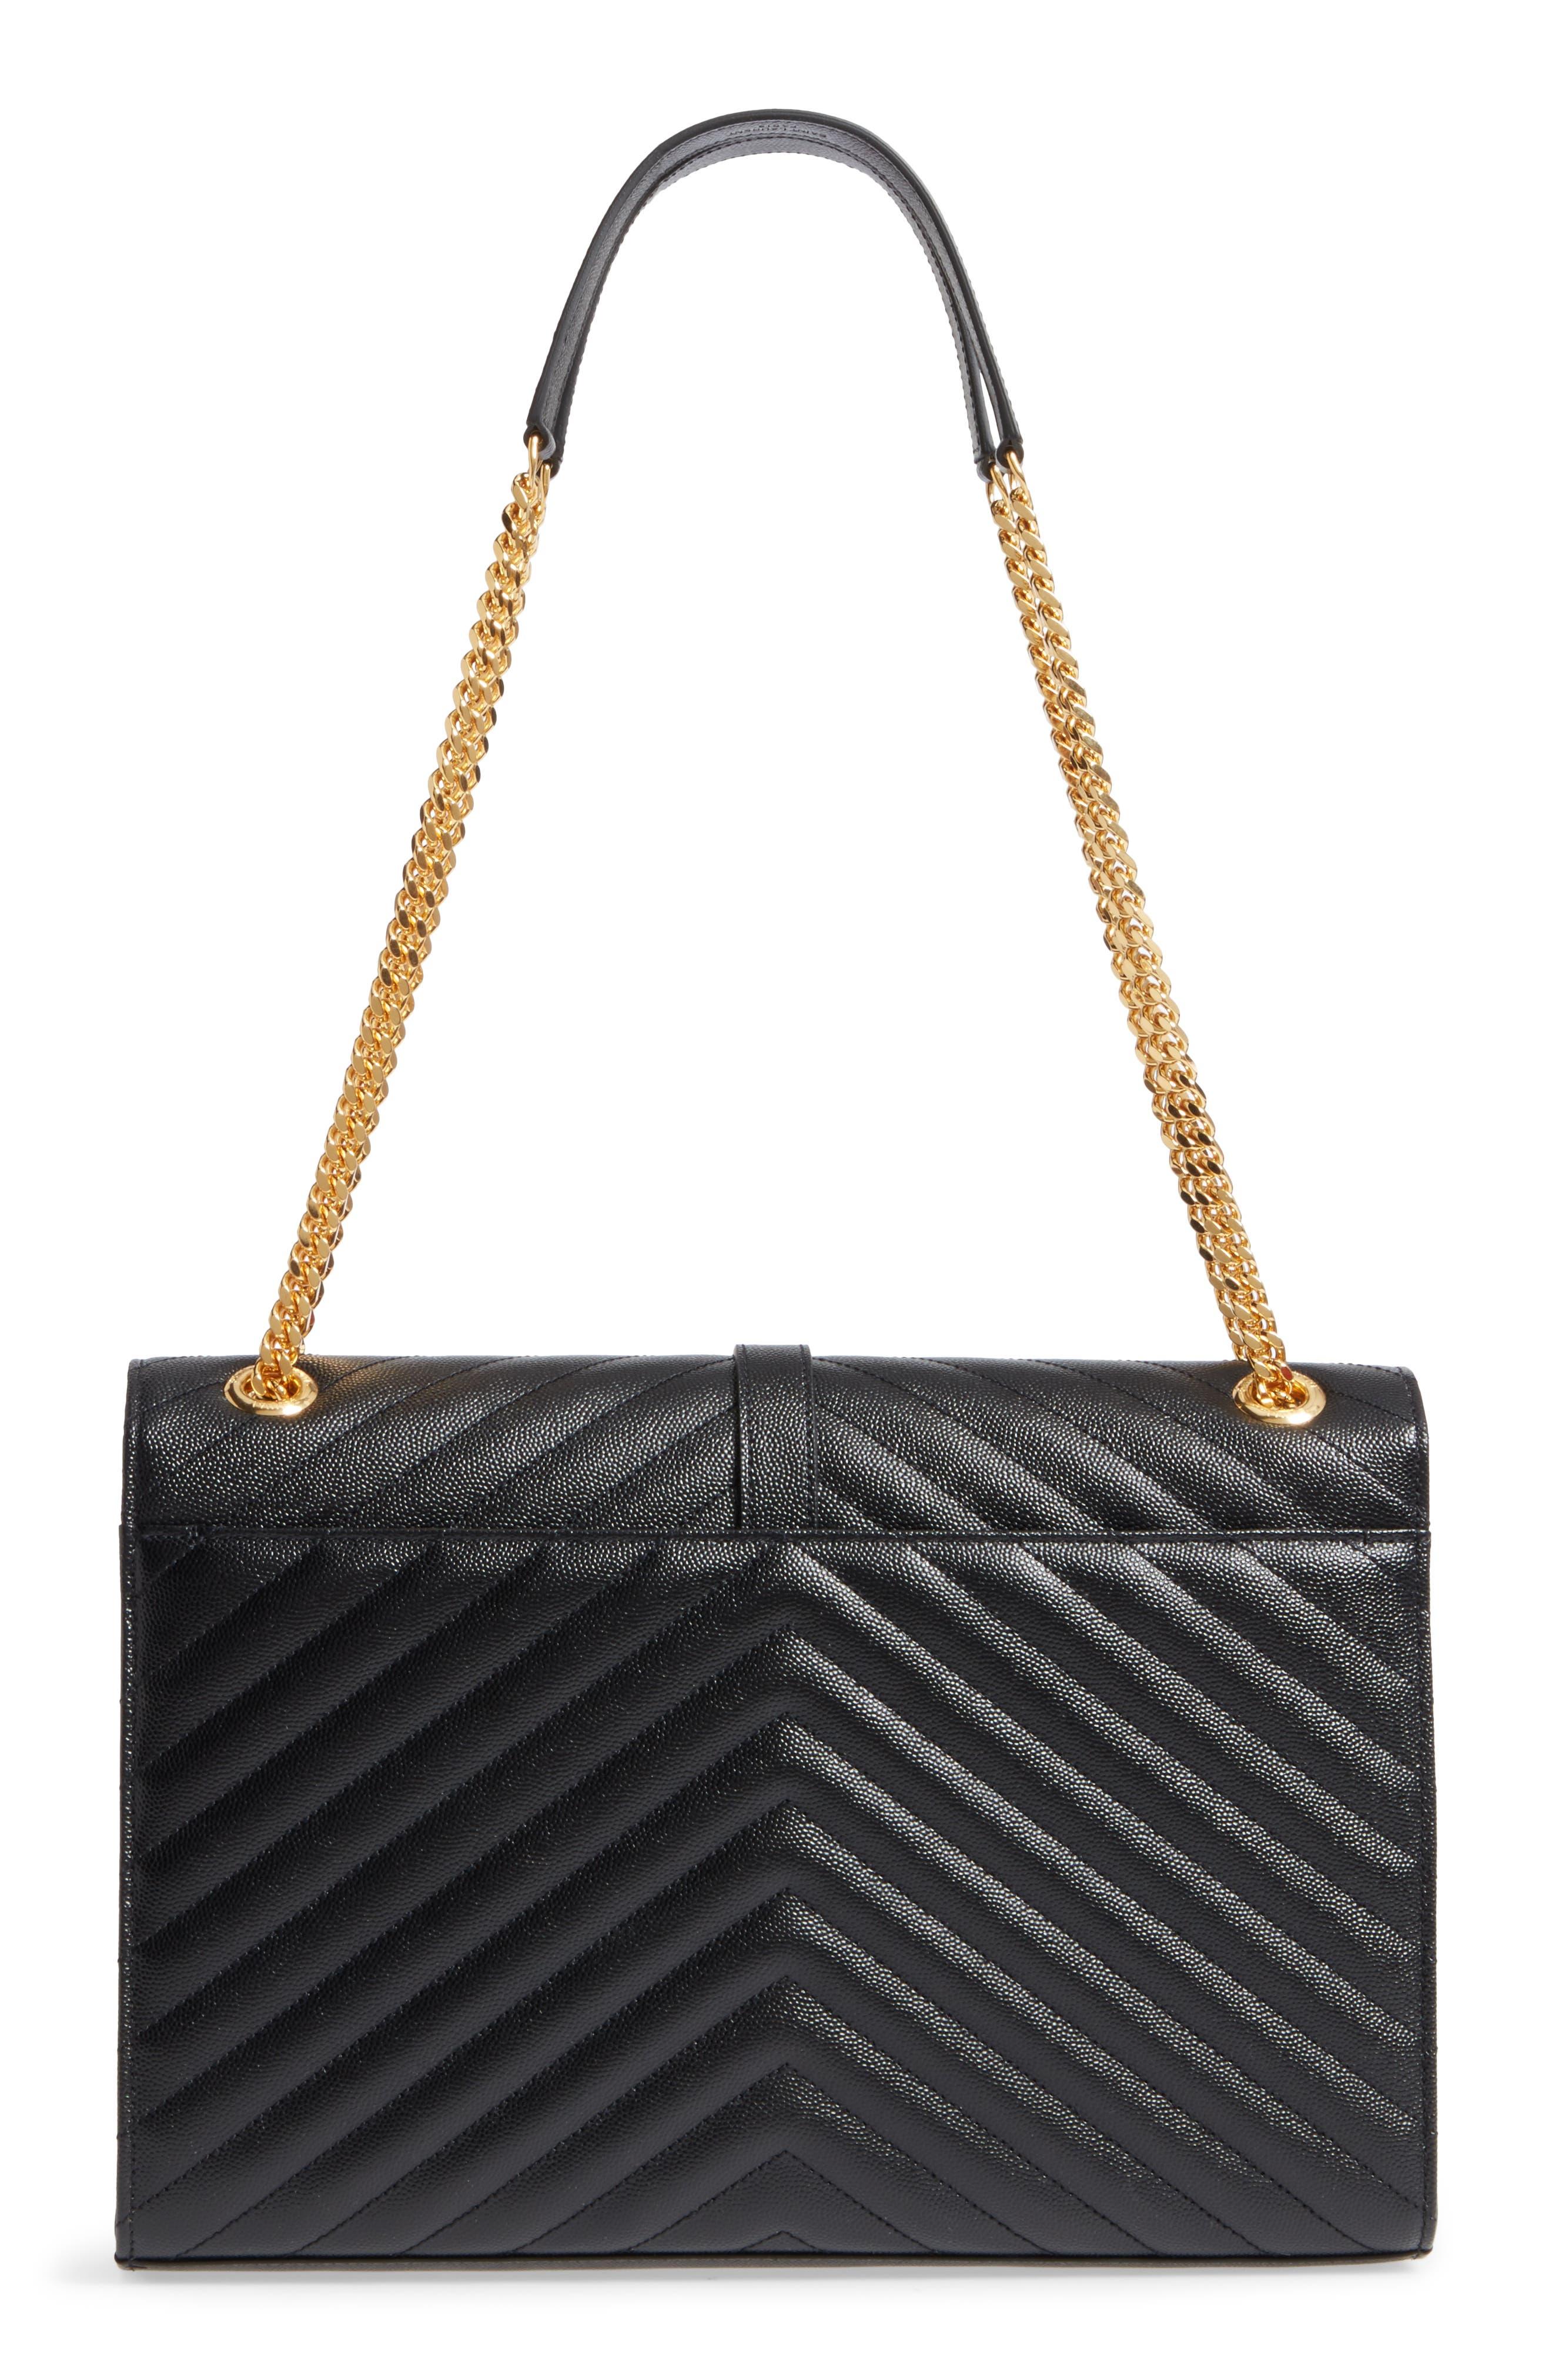 Medium Grained Matelassé Quilted Leather Shoulder Bag,                             Alternate thumbnail 3, color,                             Noir